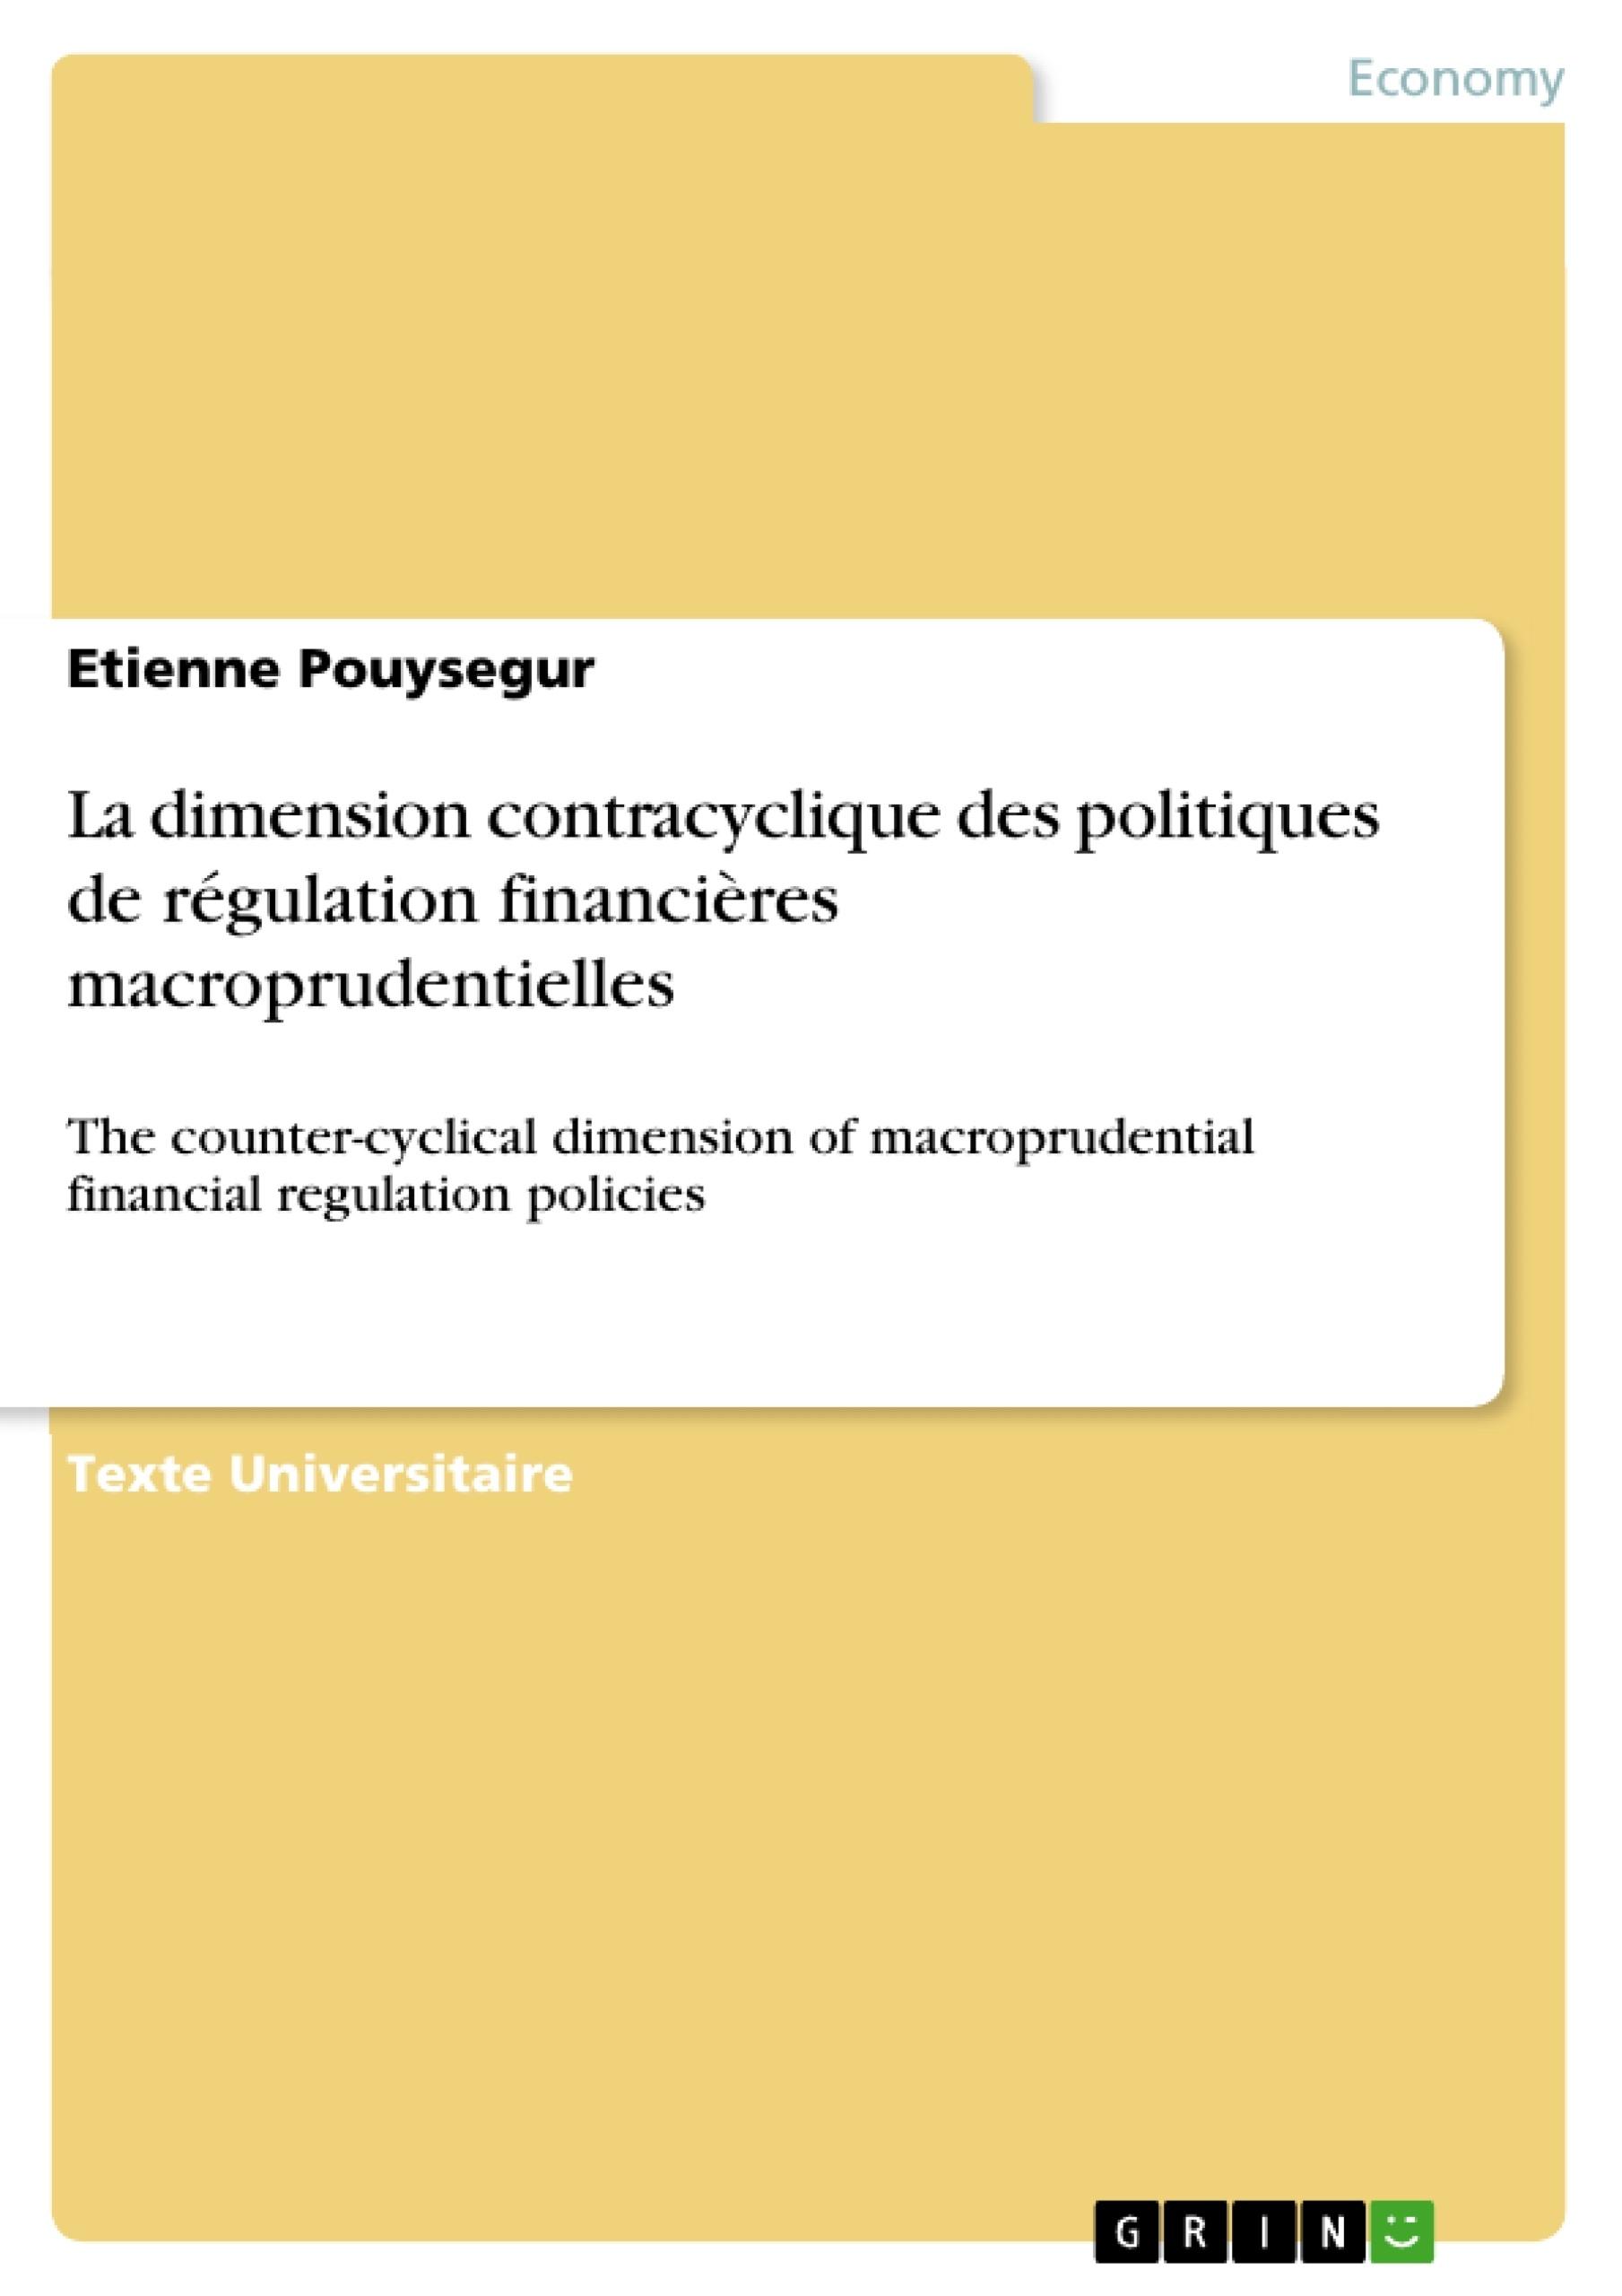 Titre: La dimension contracyclique des politiques de régulation financières macroprudentielles